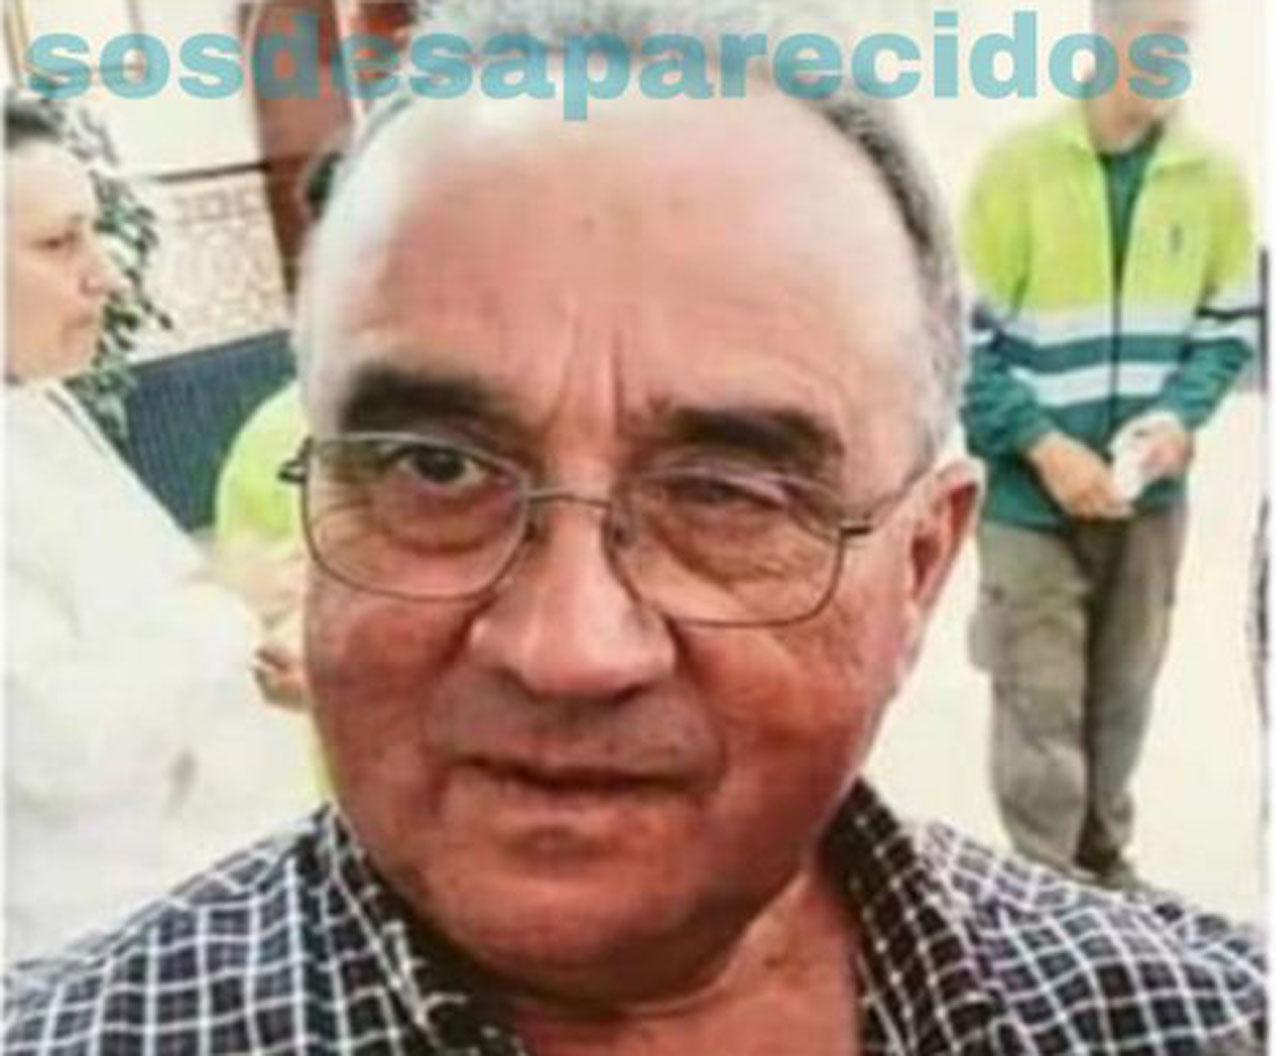 Roberto García Solana está desaparecido desde el pasado lunes 18 de febrero.